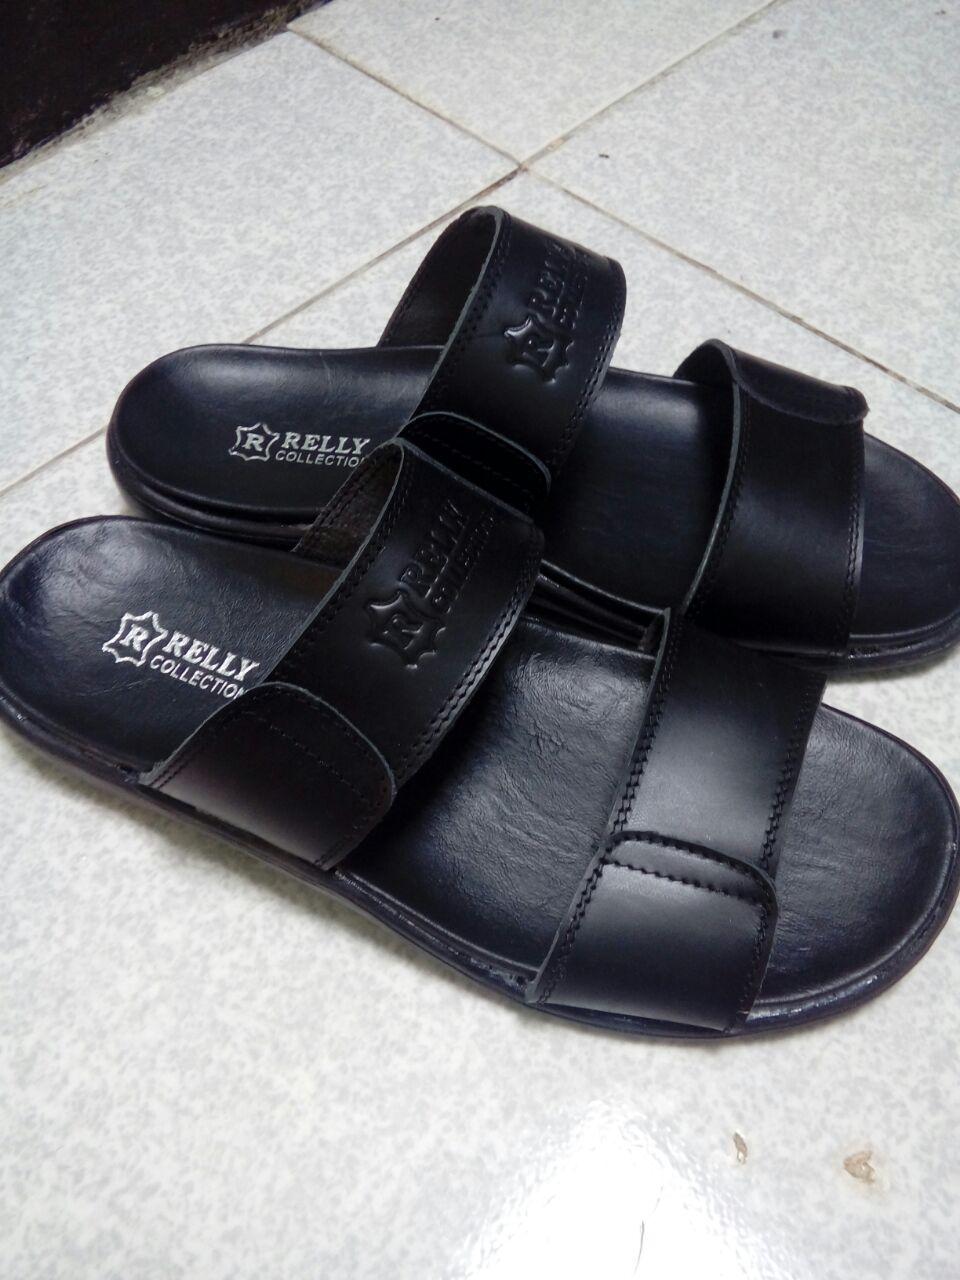 Sandal Pria Relly Leather Collections Warna Hitam Terbuat Dari Kulit Sapi Size No 3839404142 Dan Coklat